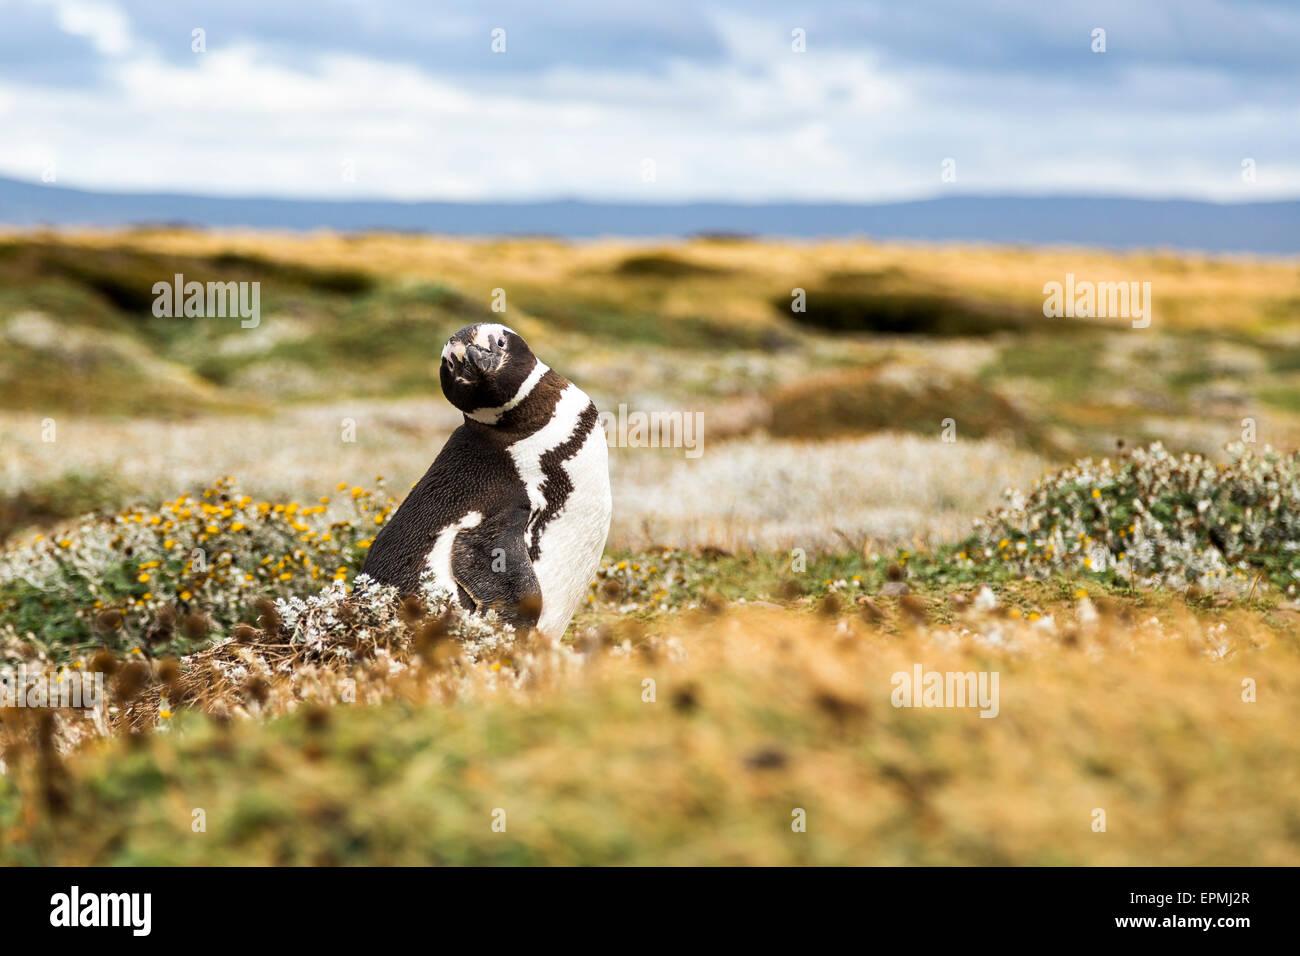 Chile, Region de Magallanes y de la Antartica Chilena, Seno Otway, Magellanic penguin - Stock Image